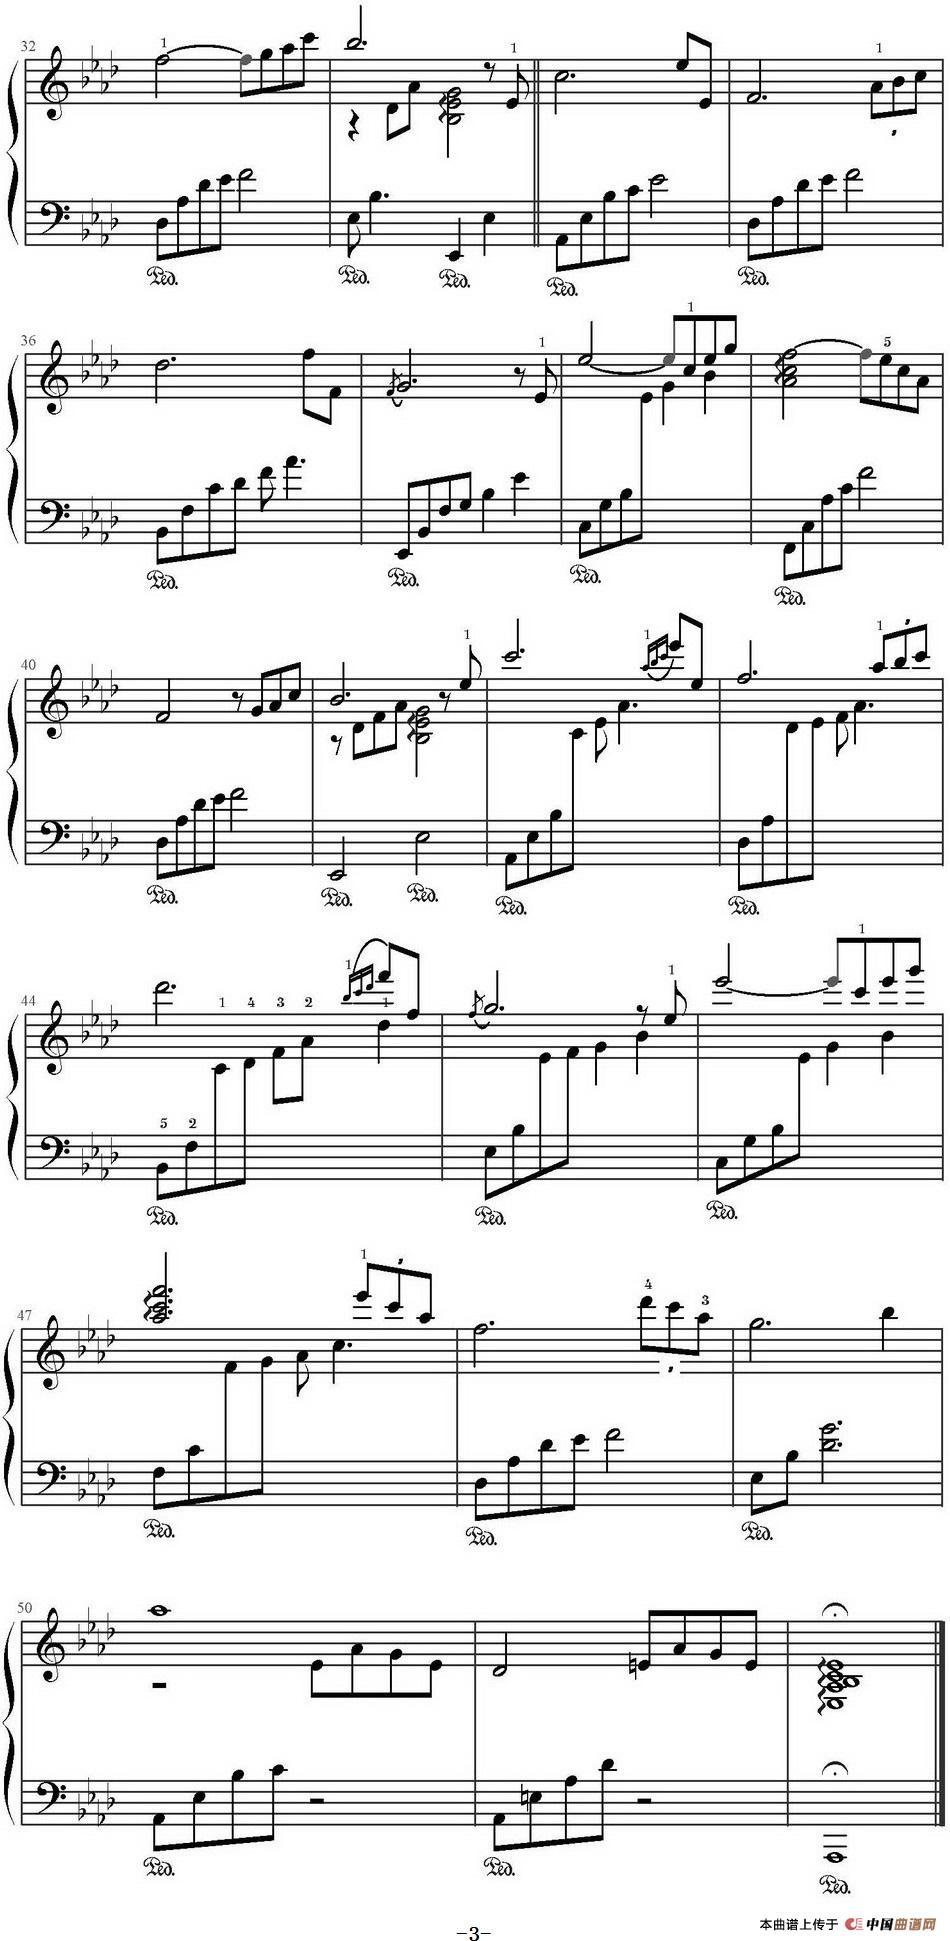 秋叶钢琴谱(文武贝编配版)_器乐乐谱_中国曲谱网图片